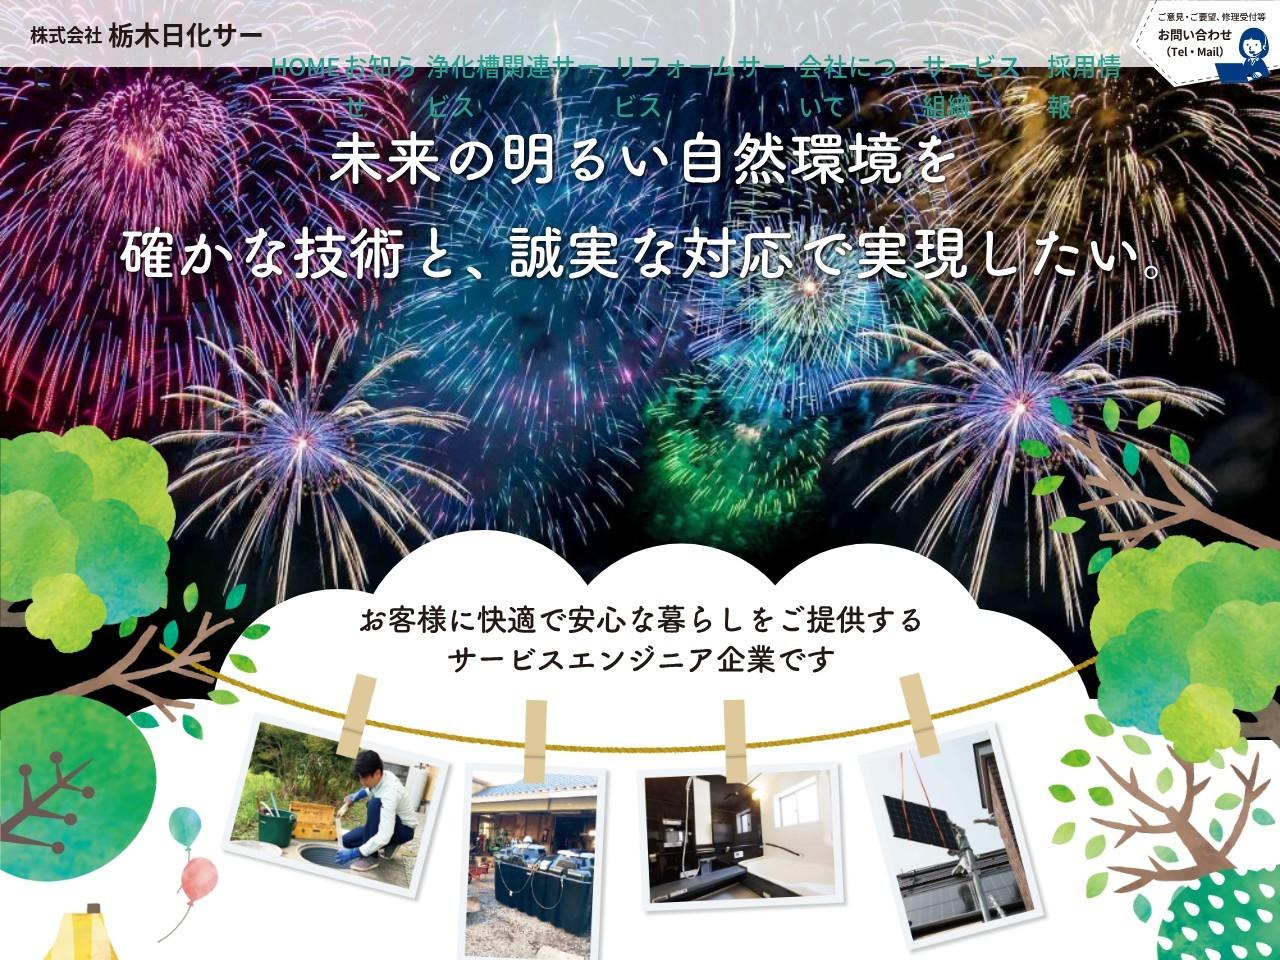 株式会社栃木日化サービス本社